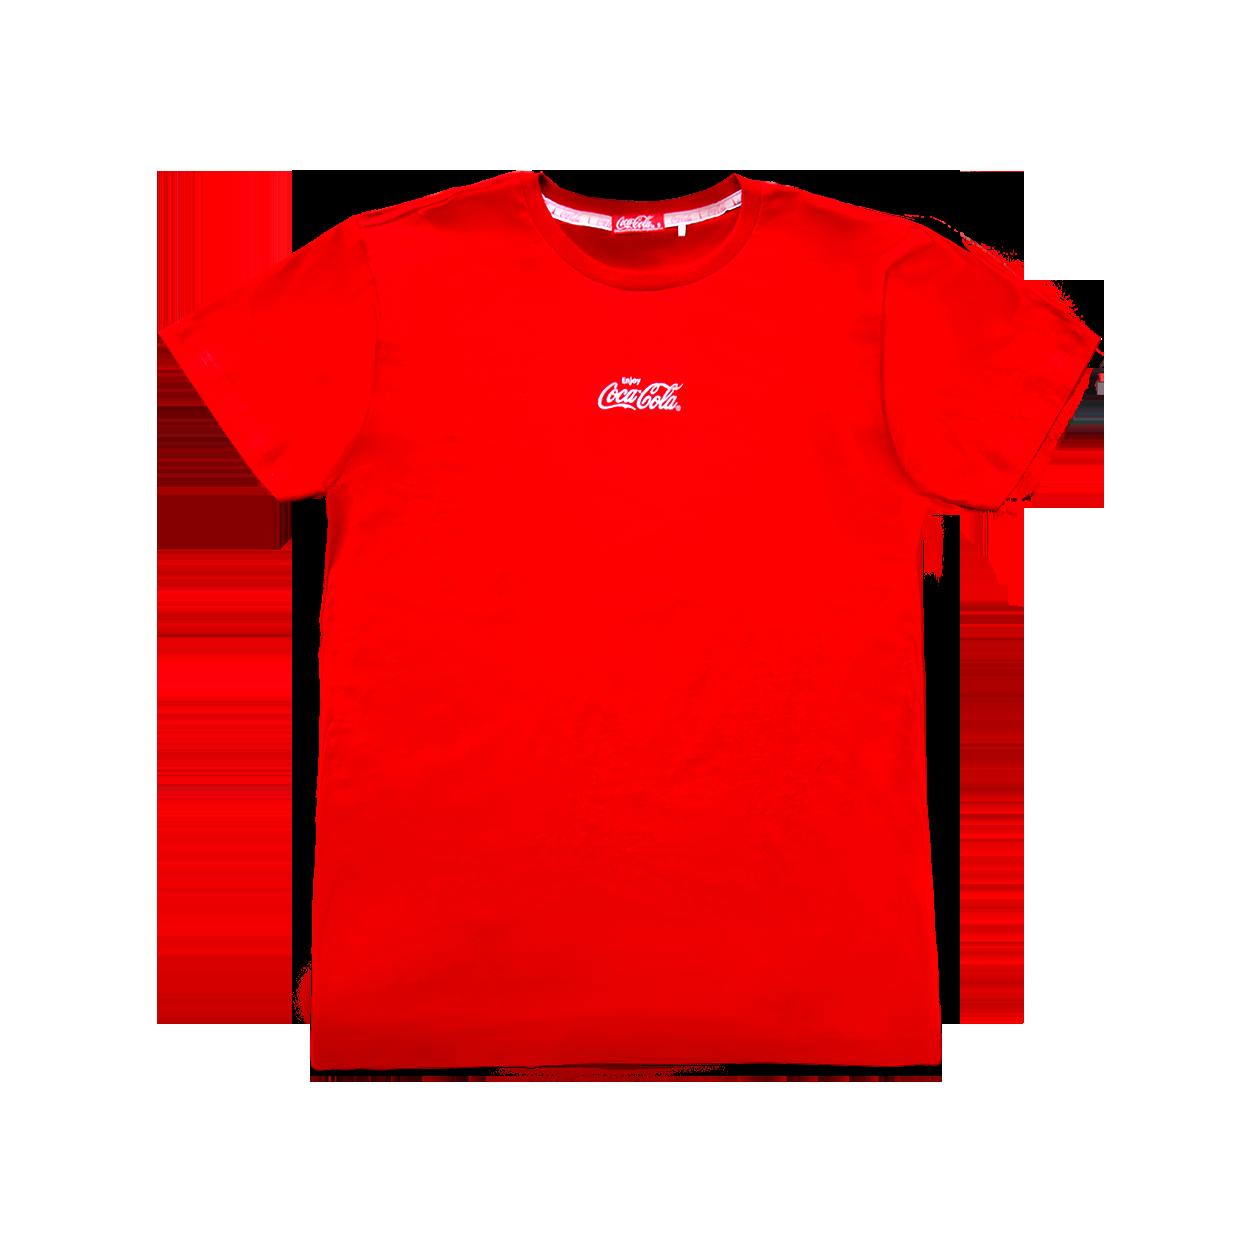 6b493d8ae Coca-Cola Unisex Graphic T-Shirt - COMMON SENSE